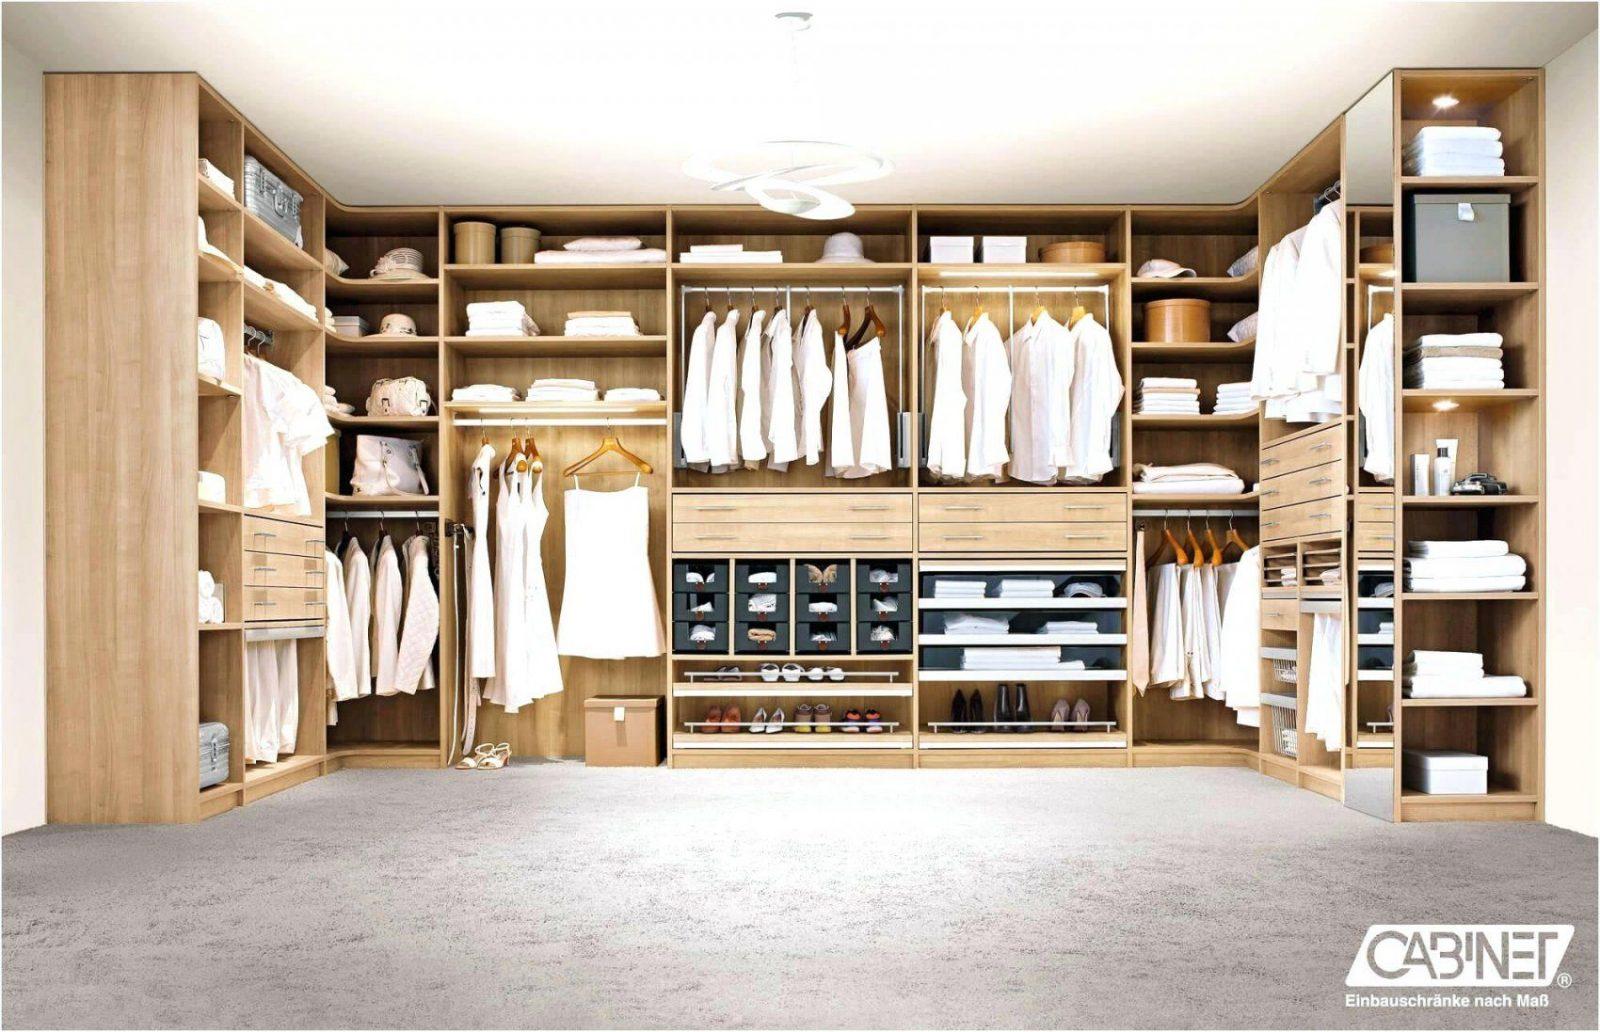 Schrank Selbst Gestalten Ziemlich Herrlich Kleiderschrank Selber von Ikea Schrank Selber Planen Photo